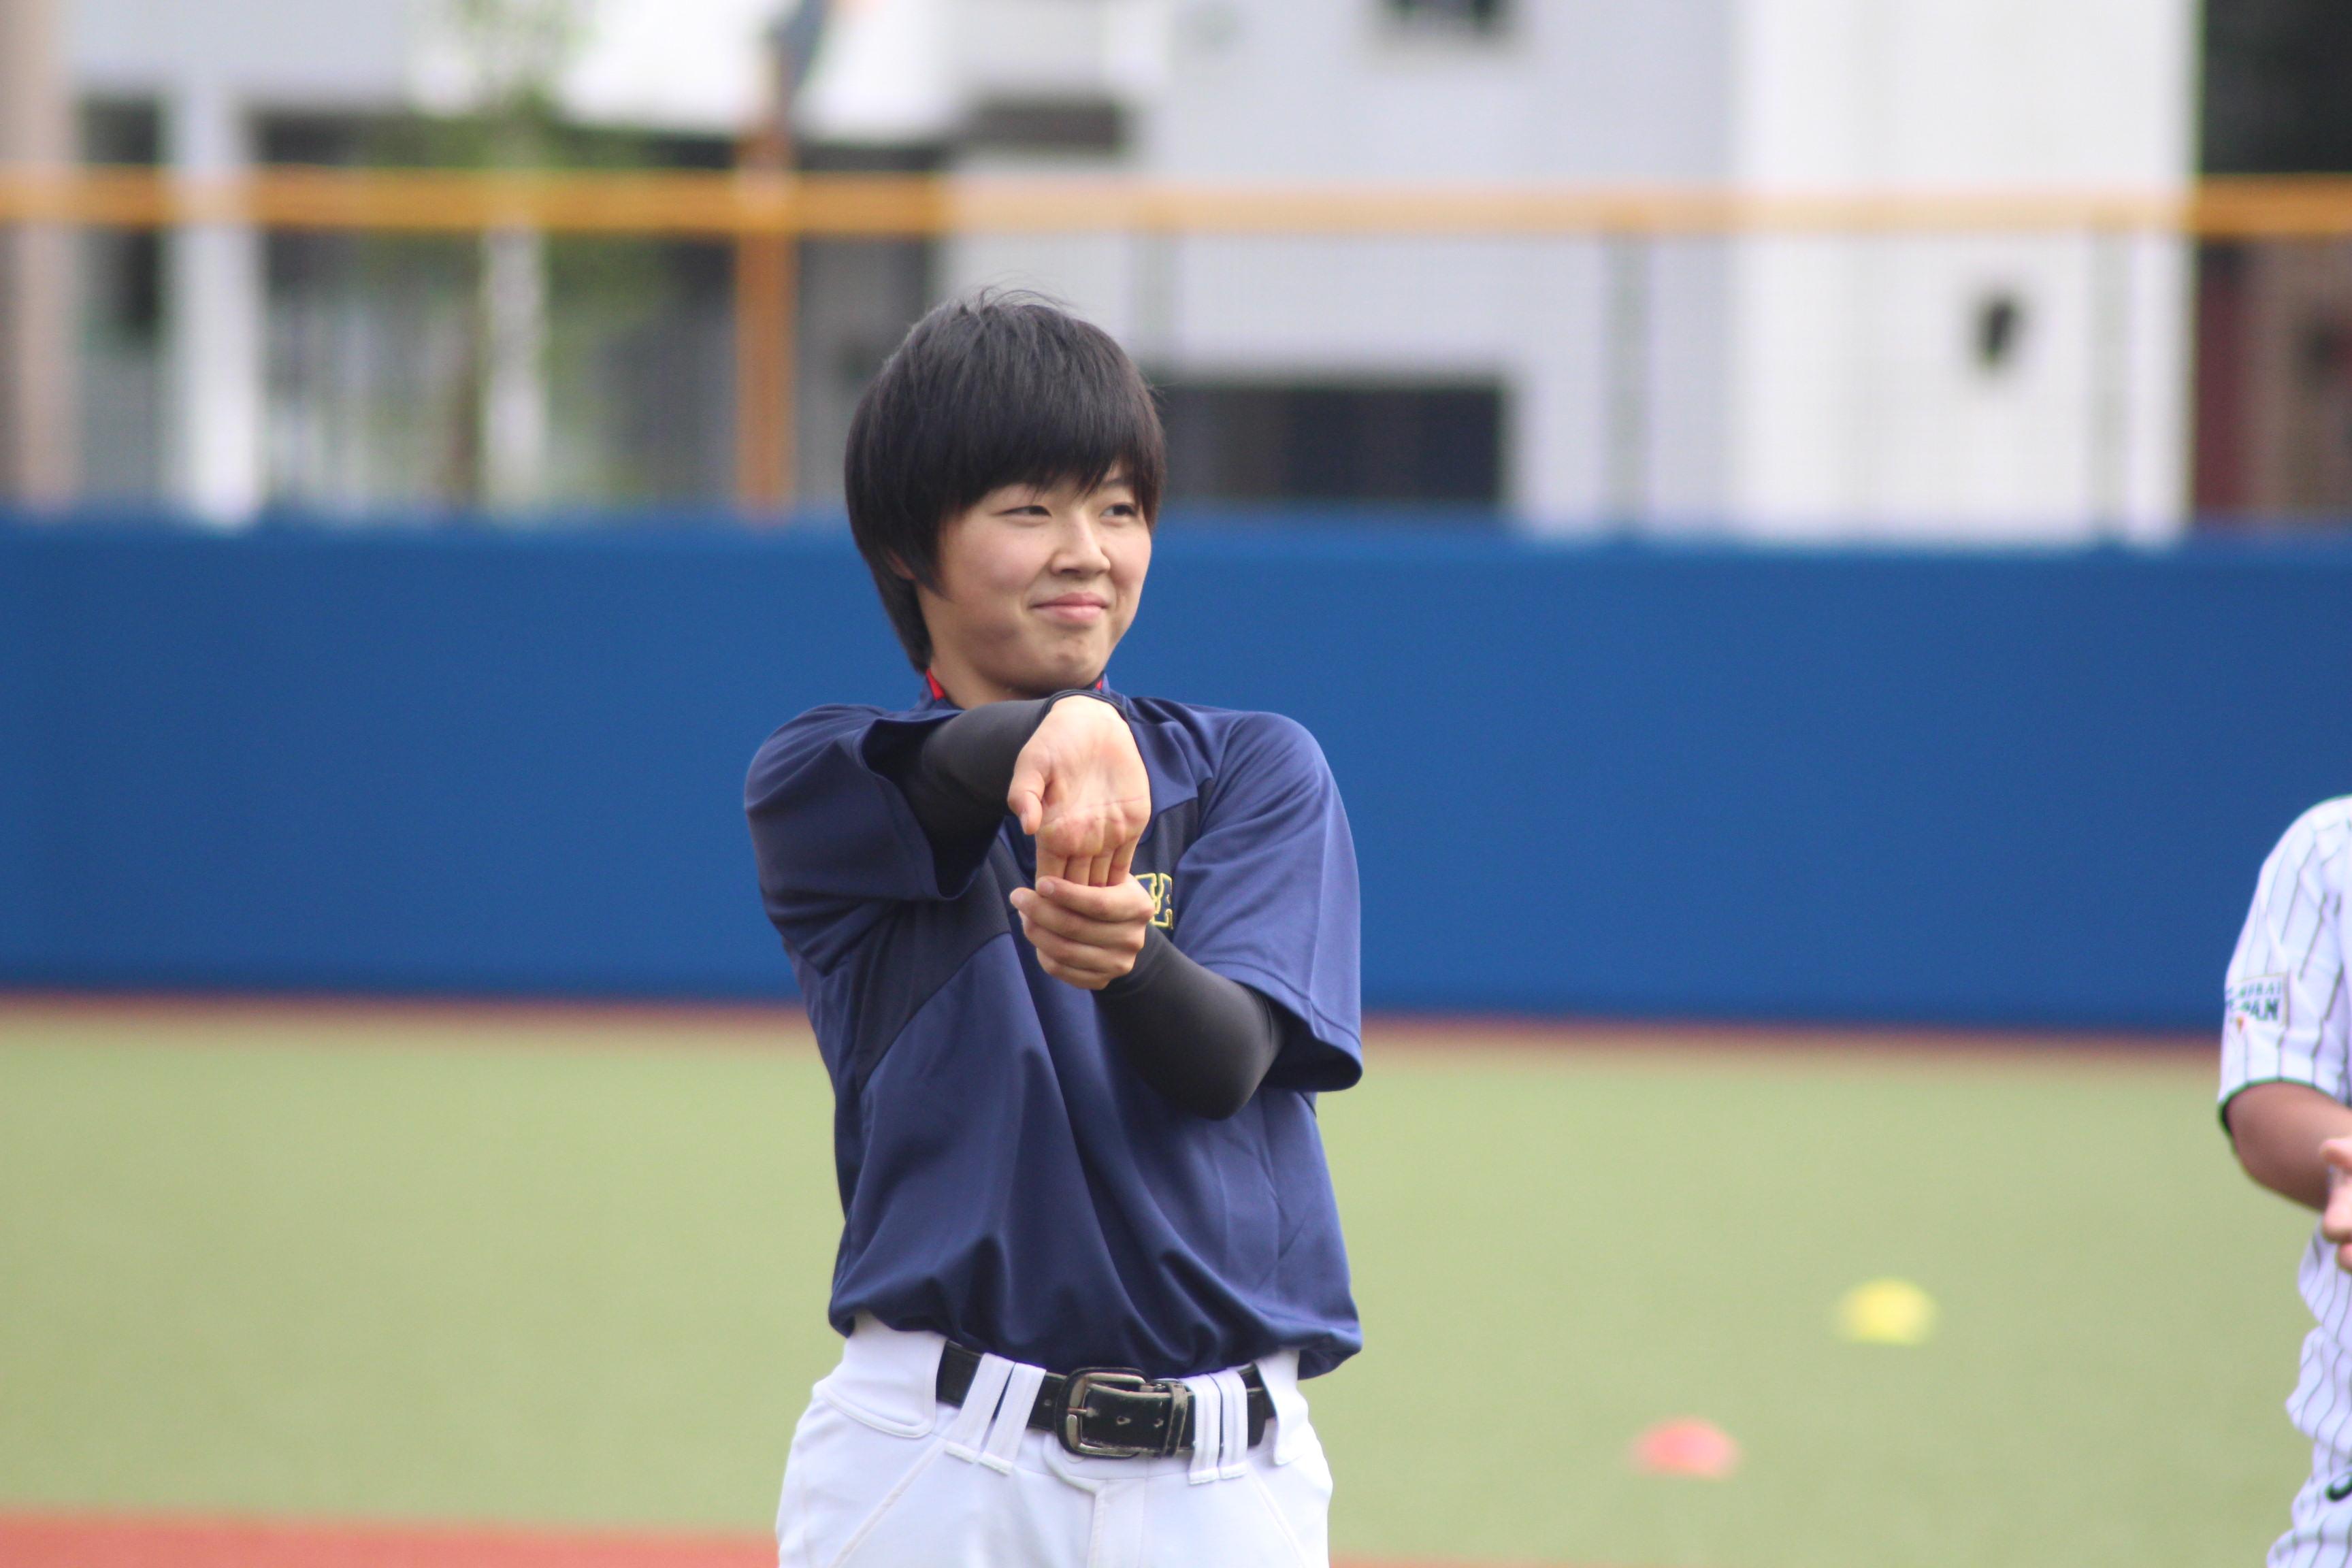 ストレッチをする時田怜奈投手